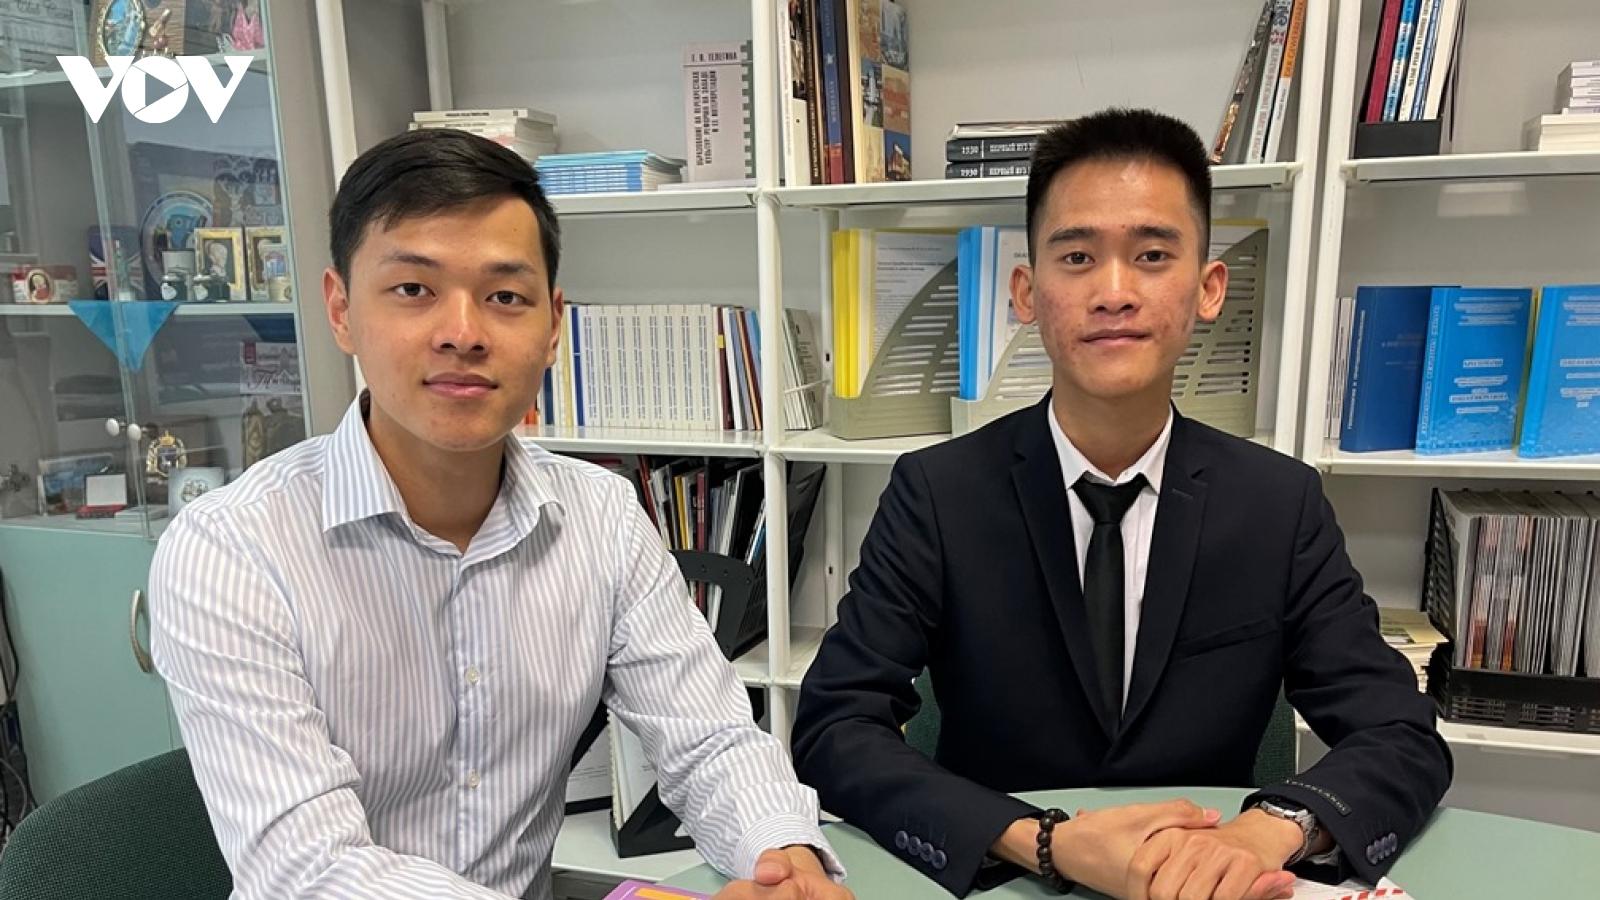 Đại học Tổng hợp quốc gia Tuymen (Nga) - một lựa chọn cho sinh viên Việt Nam